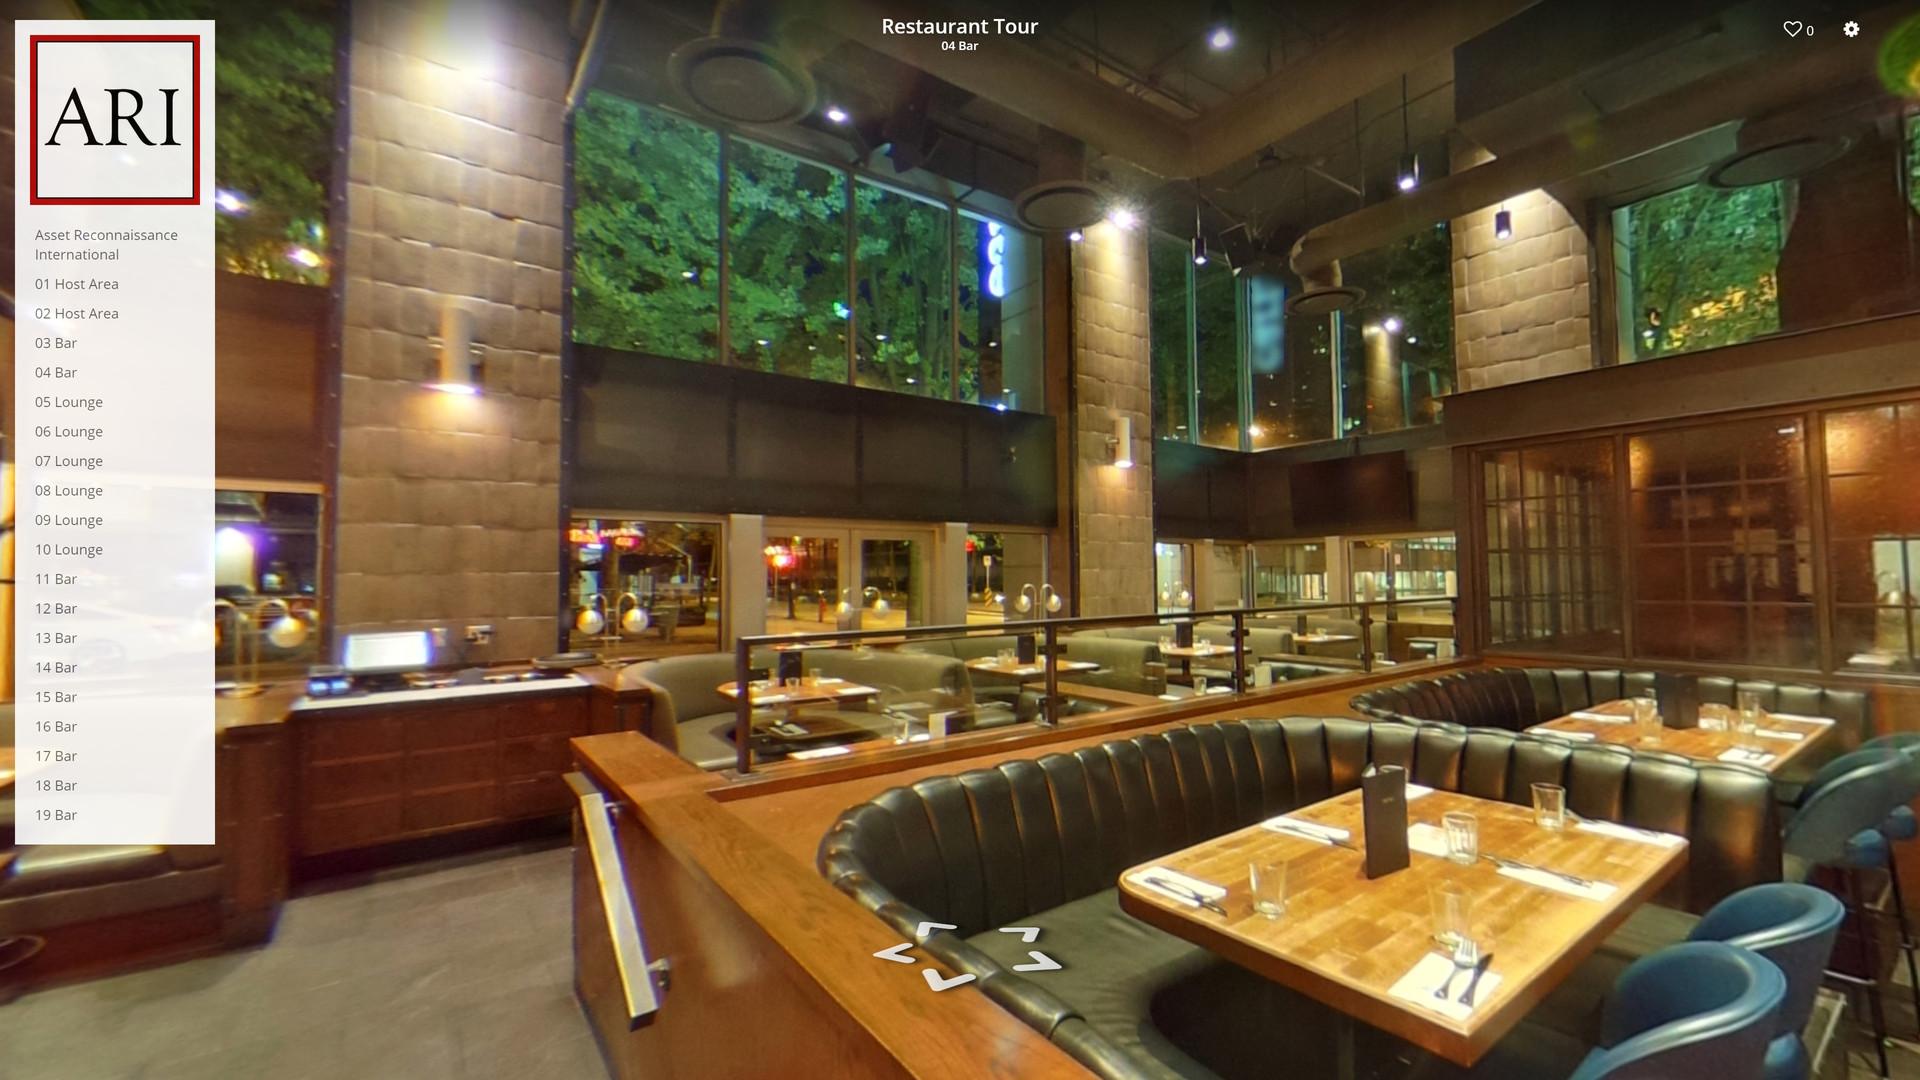 Example Restaurant Tour